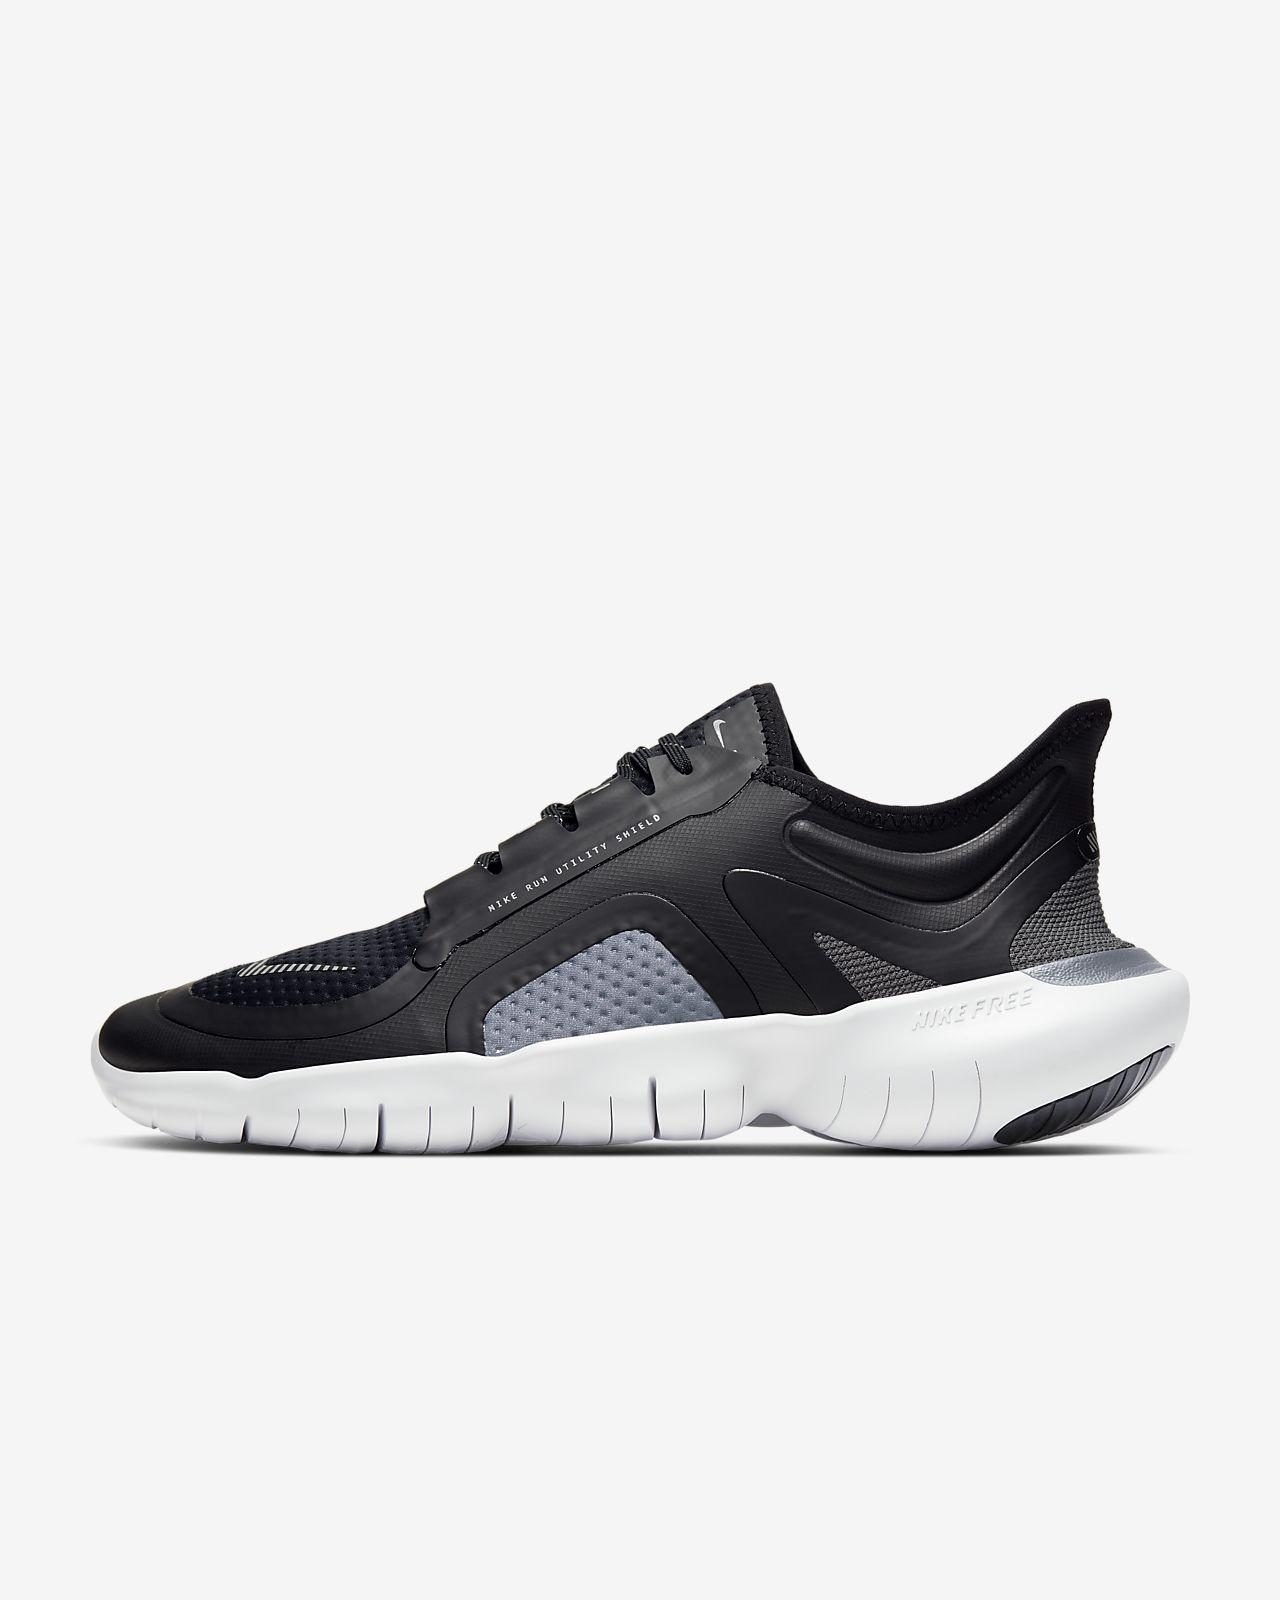 Ανδρικό παπούτσι για τρέξιμο Nike Free RN 5.0 Shield